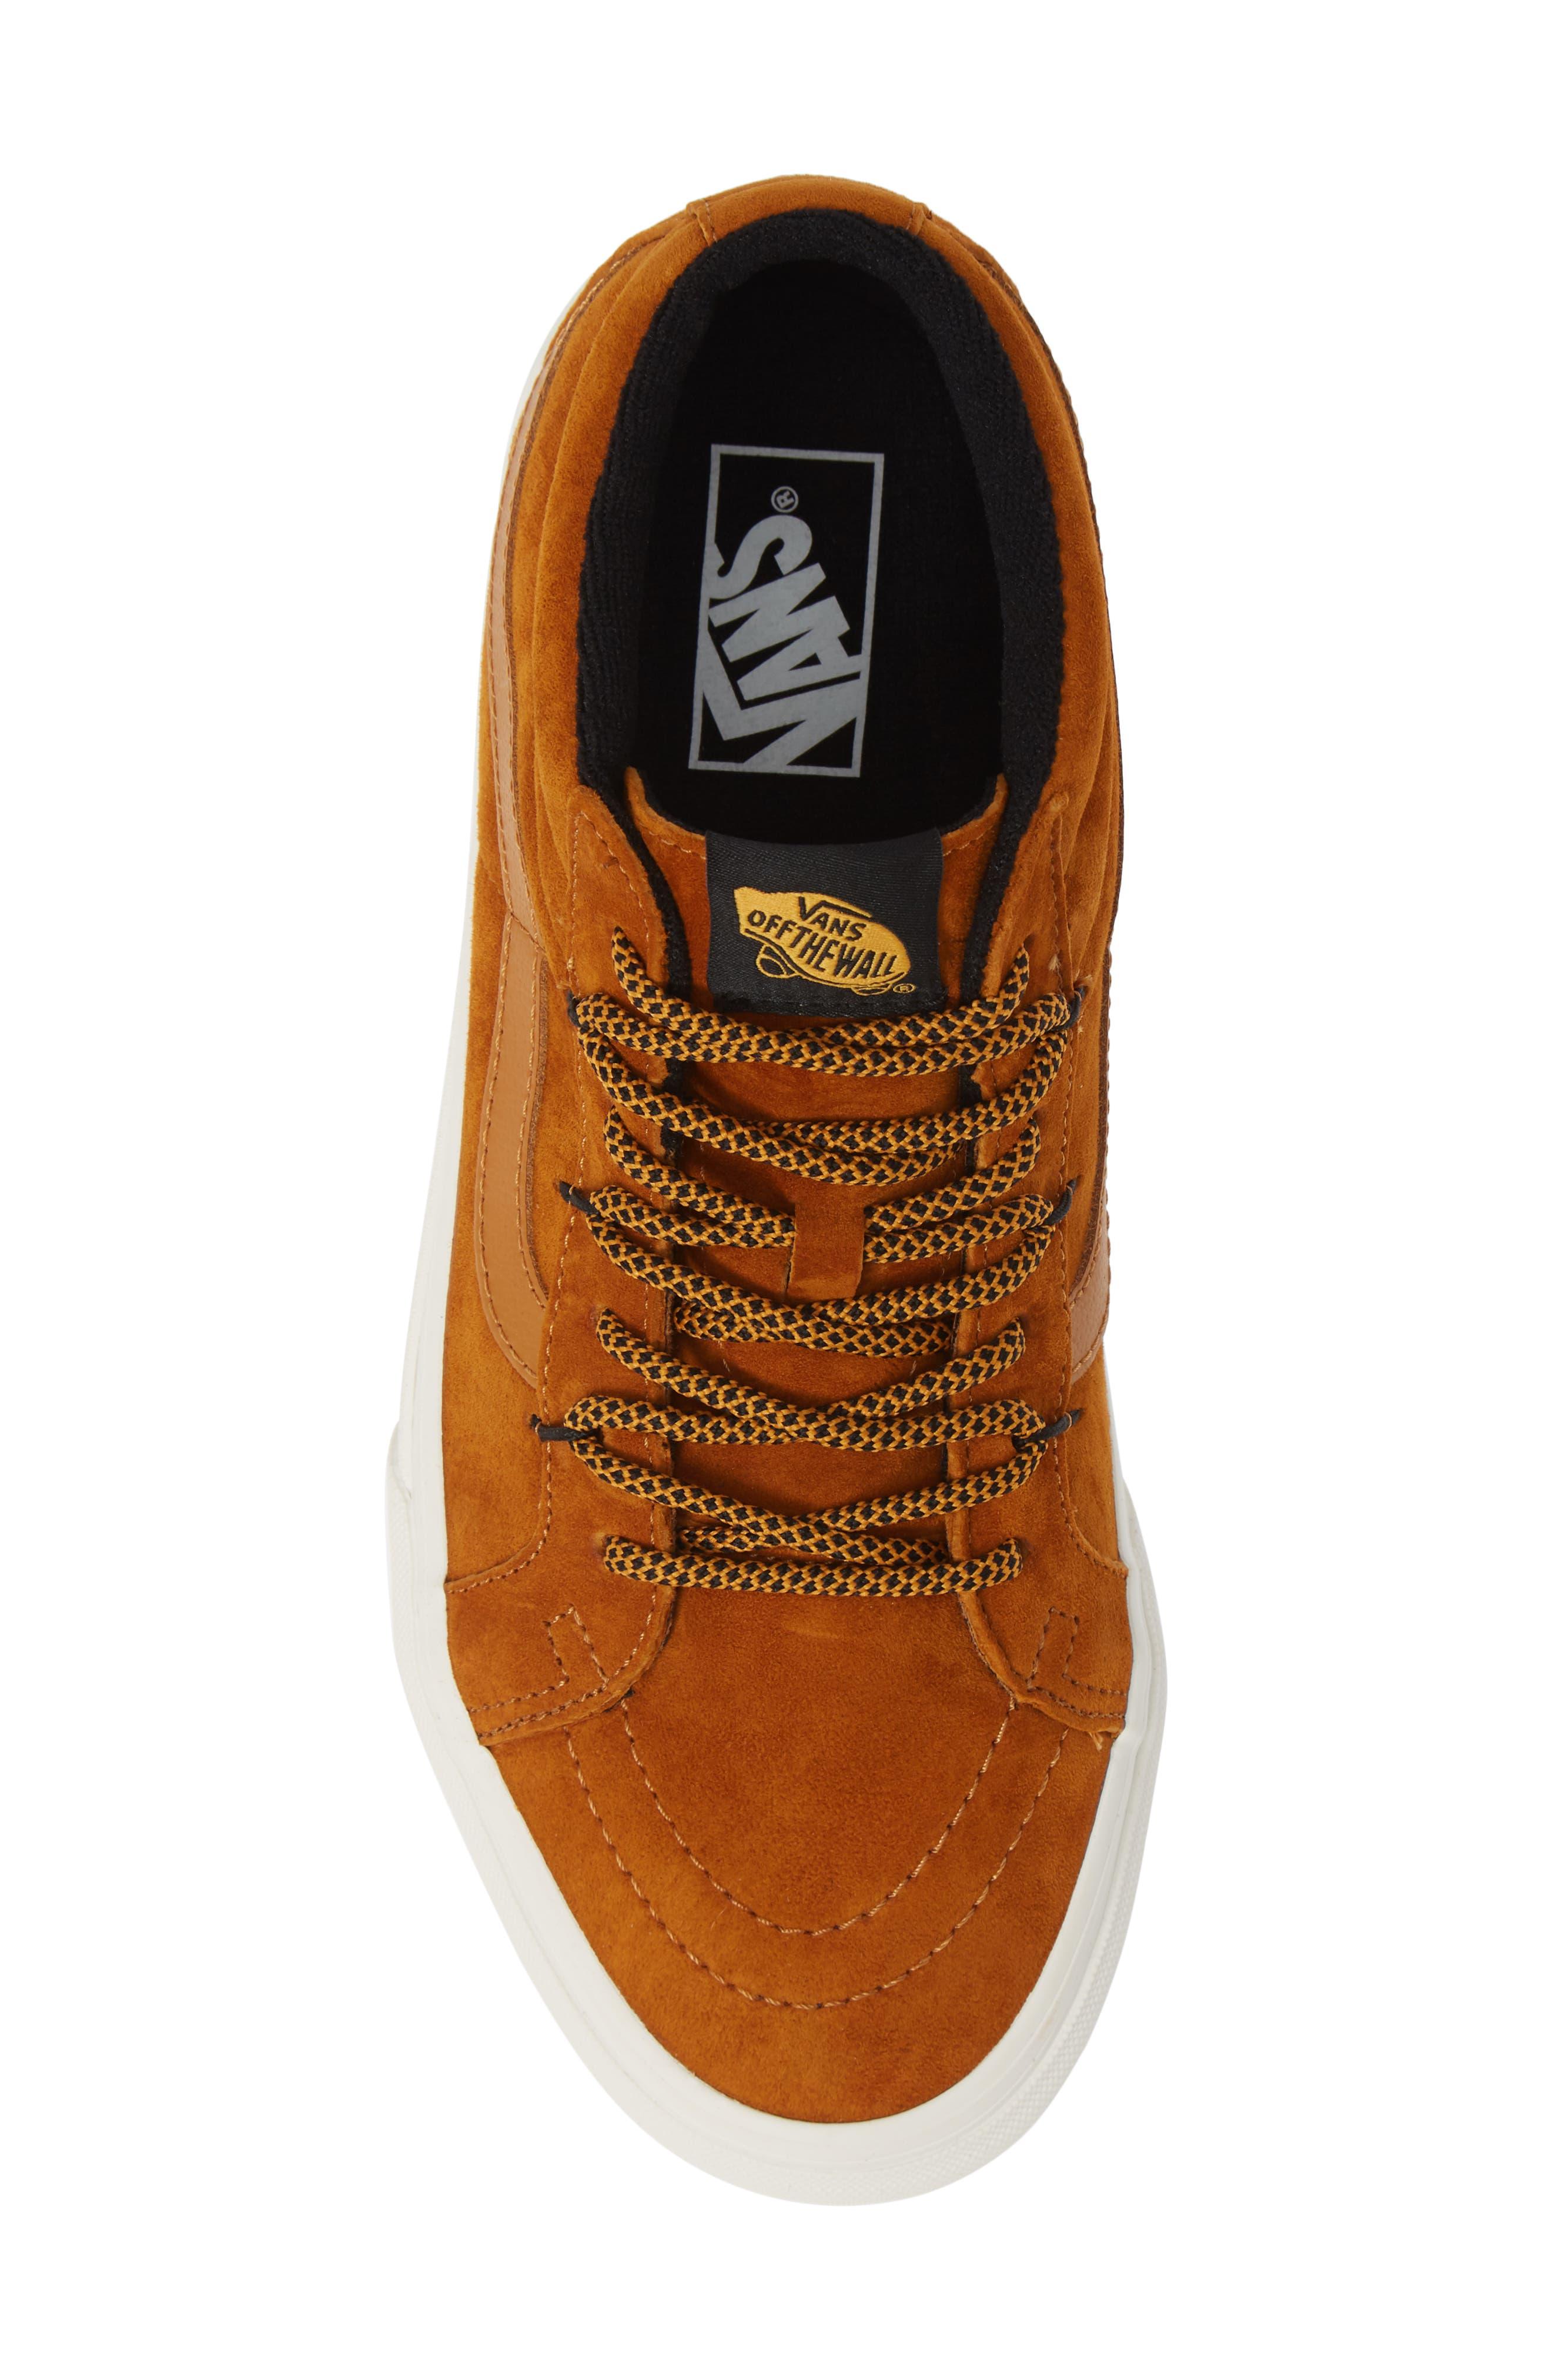 SK8-Hi Mid Reissue Ghillie MTE Sneaker,                             Alternate thumbnail 5, color,                             BROWN/ MARSHMALLOW